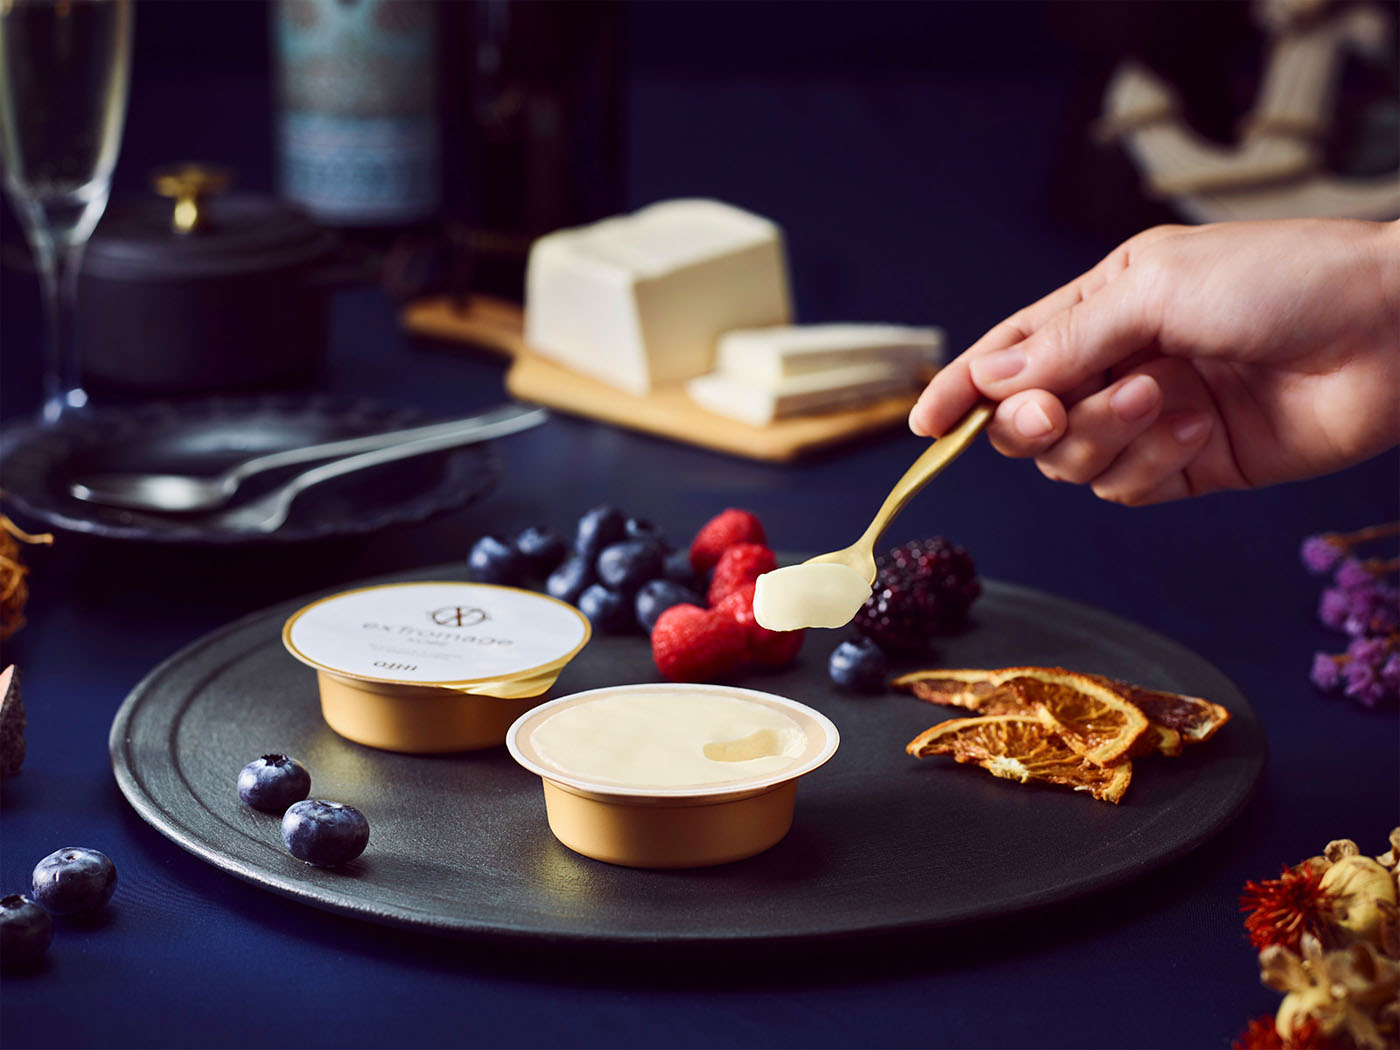 六甲バター株式会社 / Q・B・B新商品開発